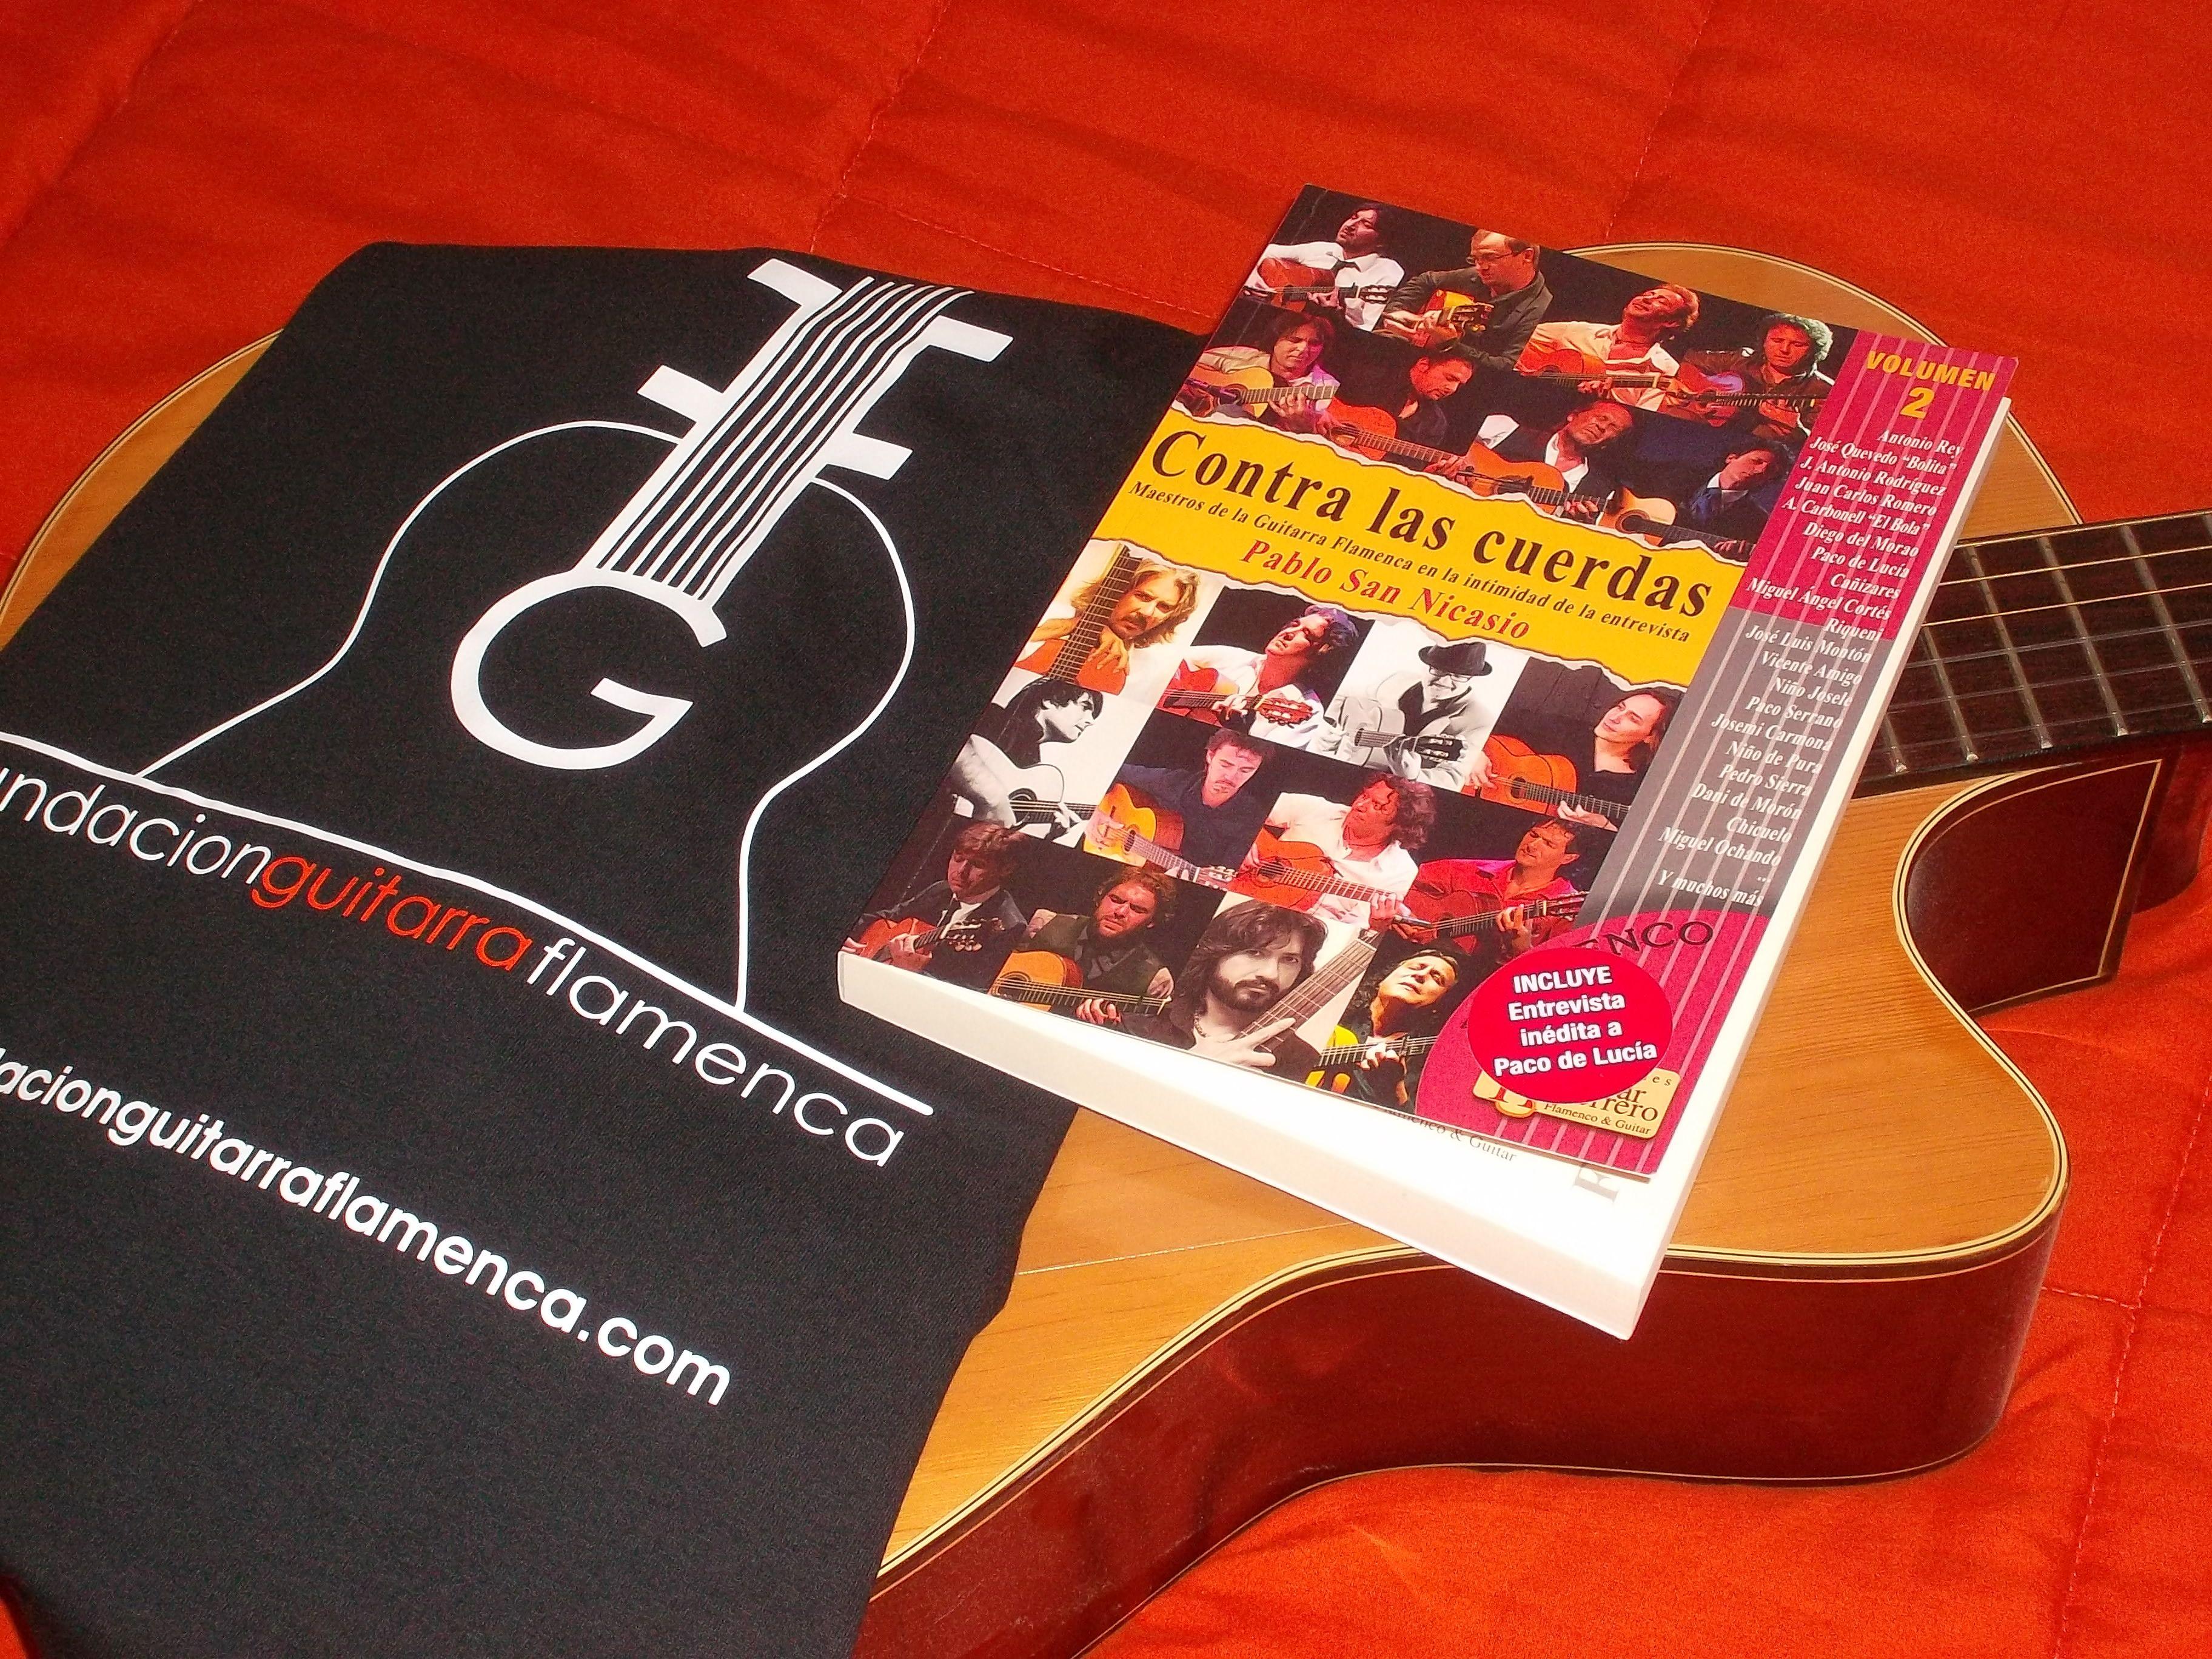 Hola Amigos Ya Tenemos En La Fundación Guitarra Flamenca El Libro Que No Puede Faltar En Ninguna Biblioteca De Un Guitarrista Contra Las Cuerdas Vol 2 Un